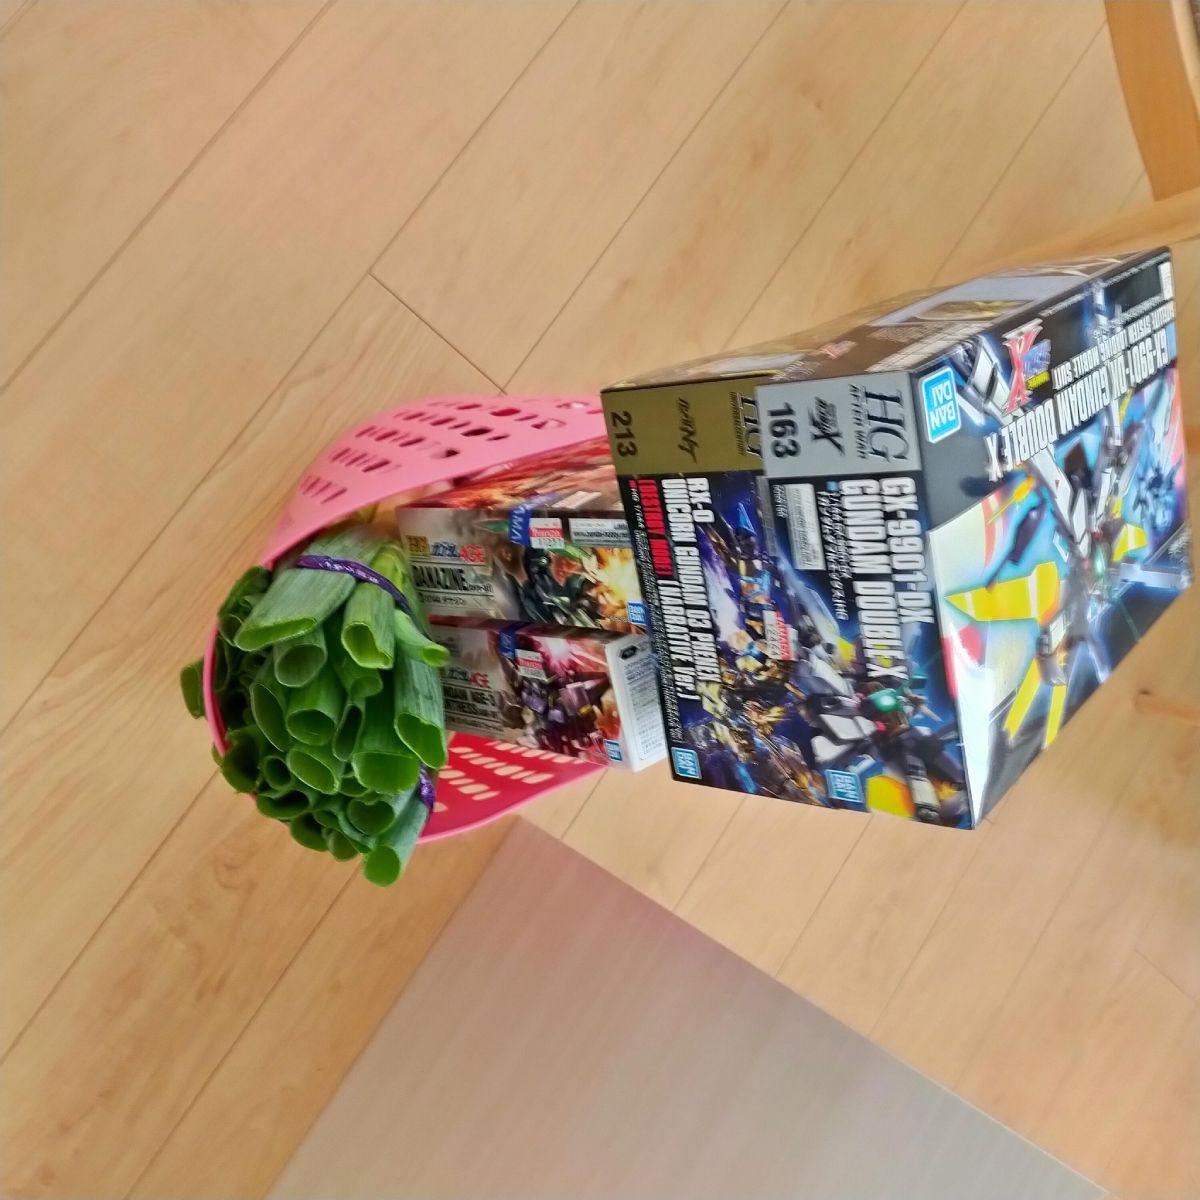 投稿者の買い物バッグには、ネギとはち切れんばかりの四角いなにか。